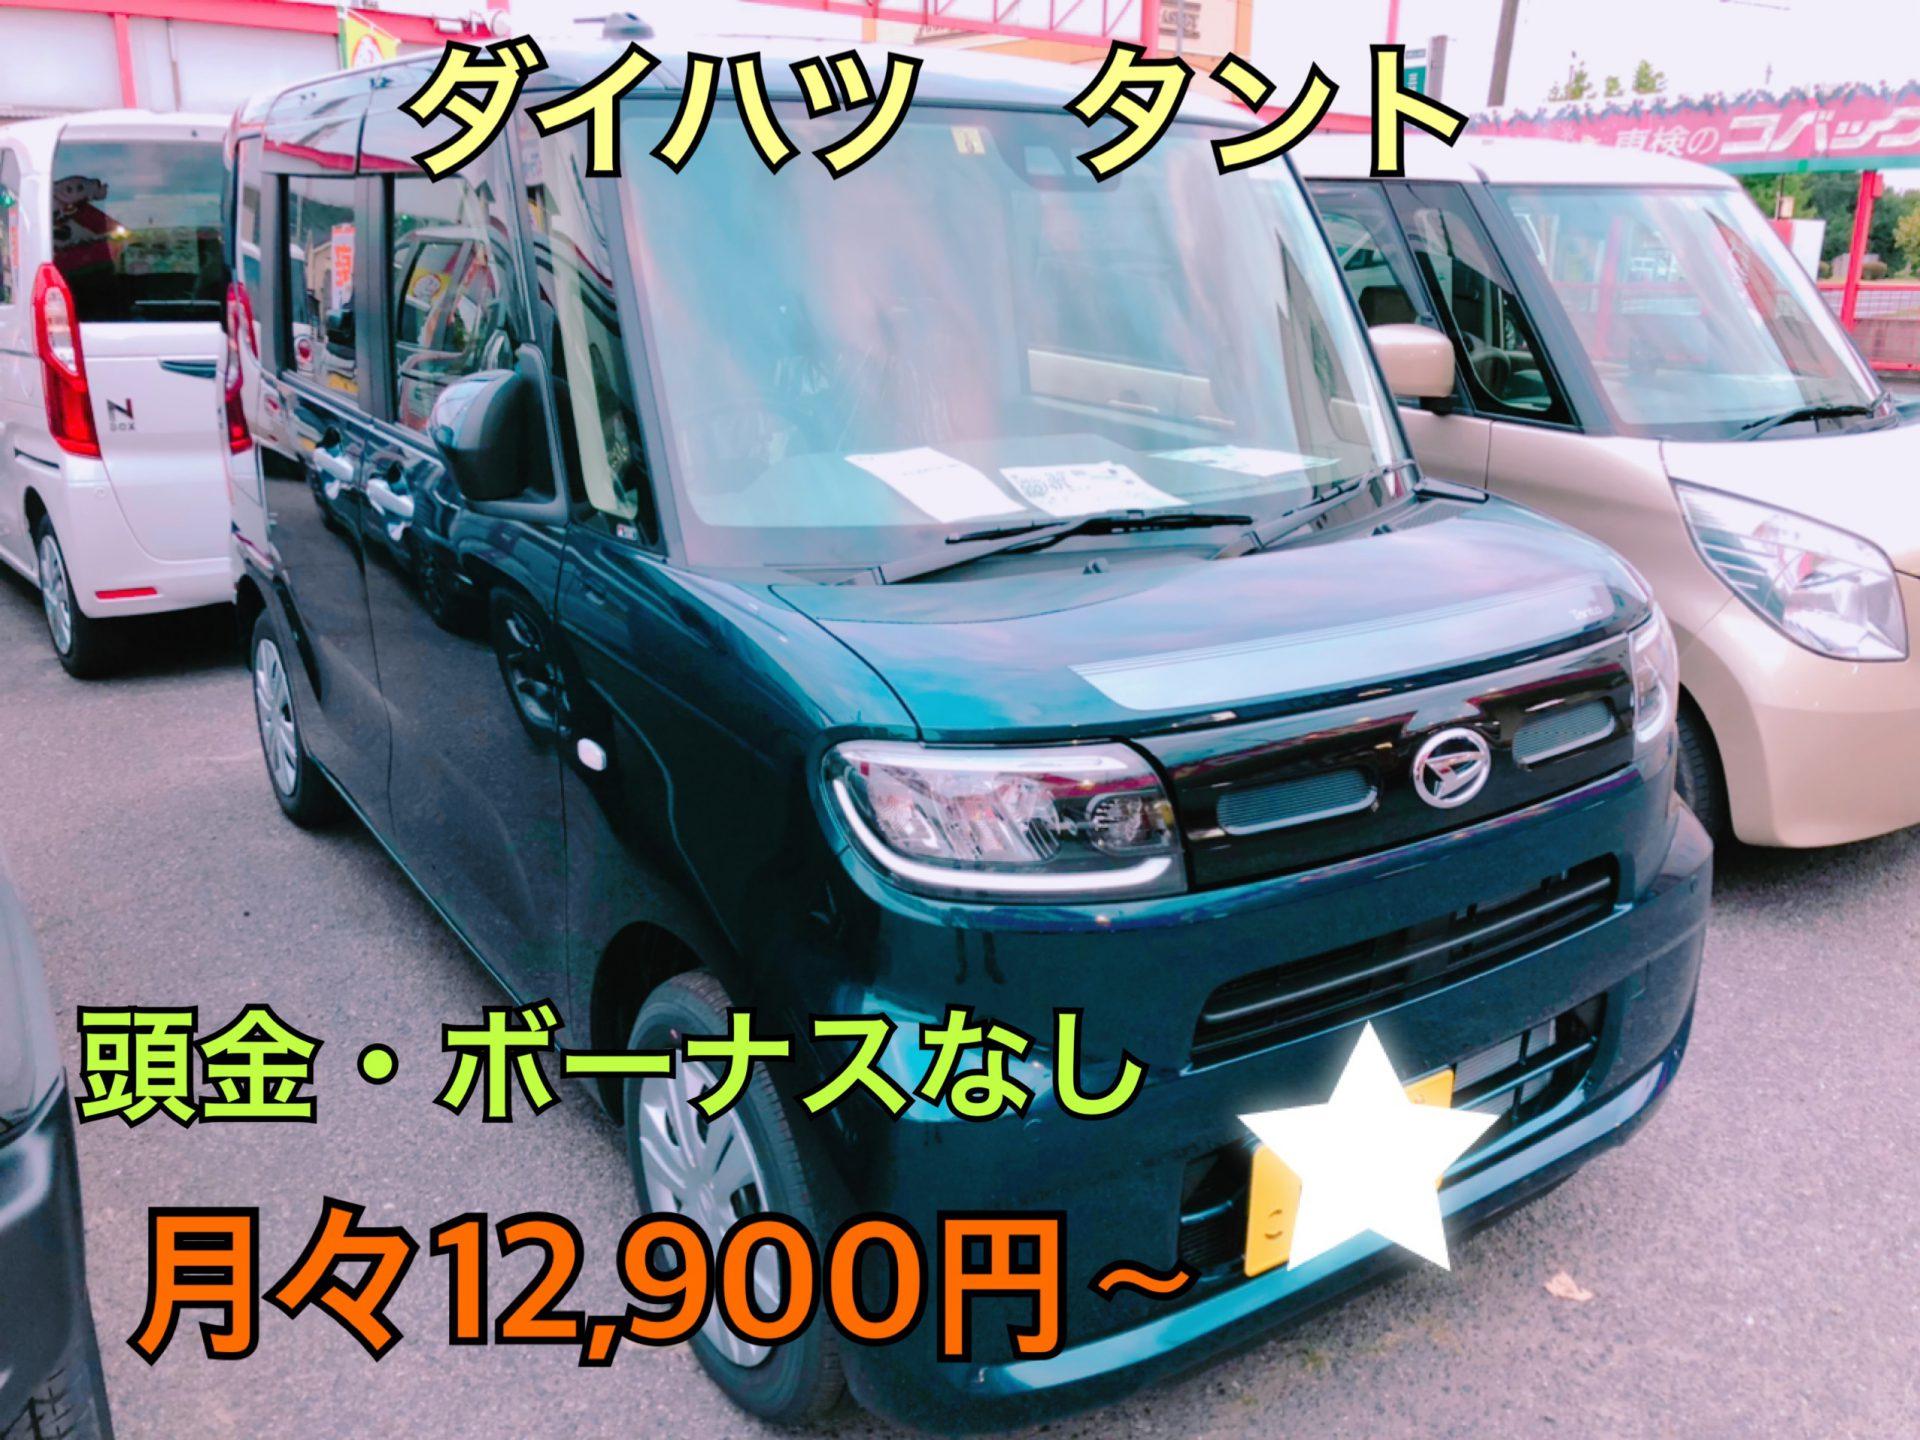 新車 タント お得 岡山市